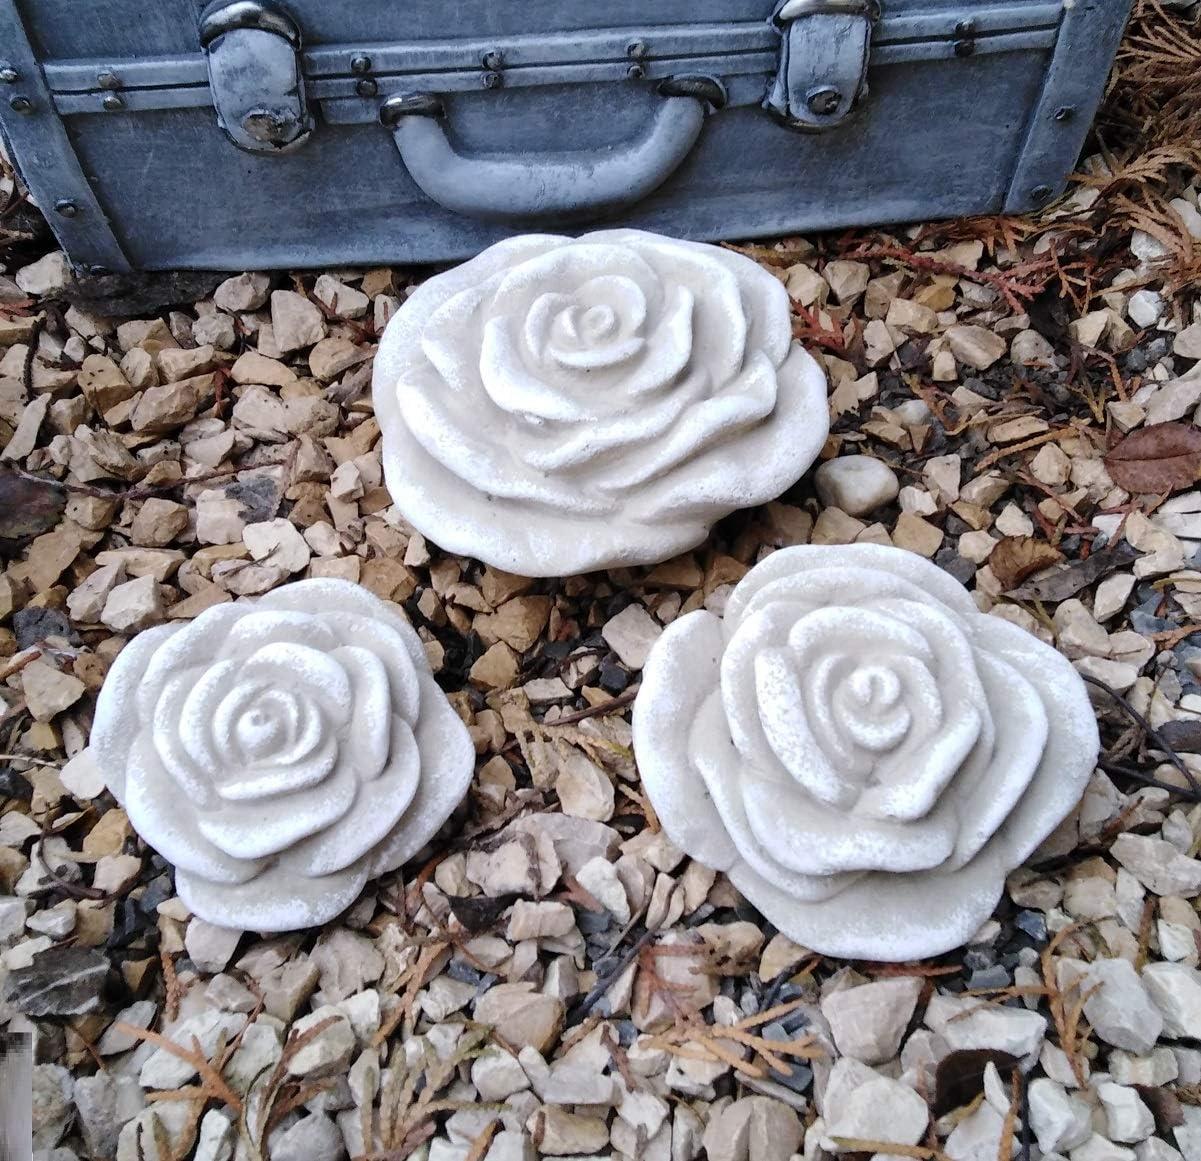 RDI Lot de 3 Fleurs de Rose en Pierre r/ésistante au Gel R/ésiste aux intemp/éries et aux intemp/éries D/écoration de Jardin 11 cm